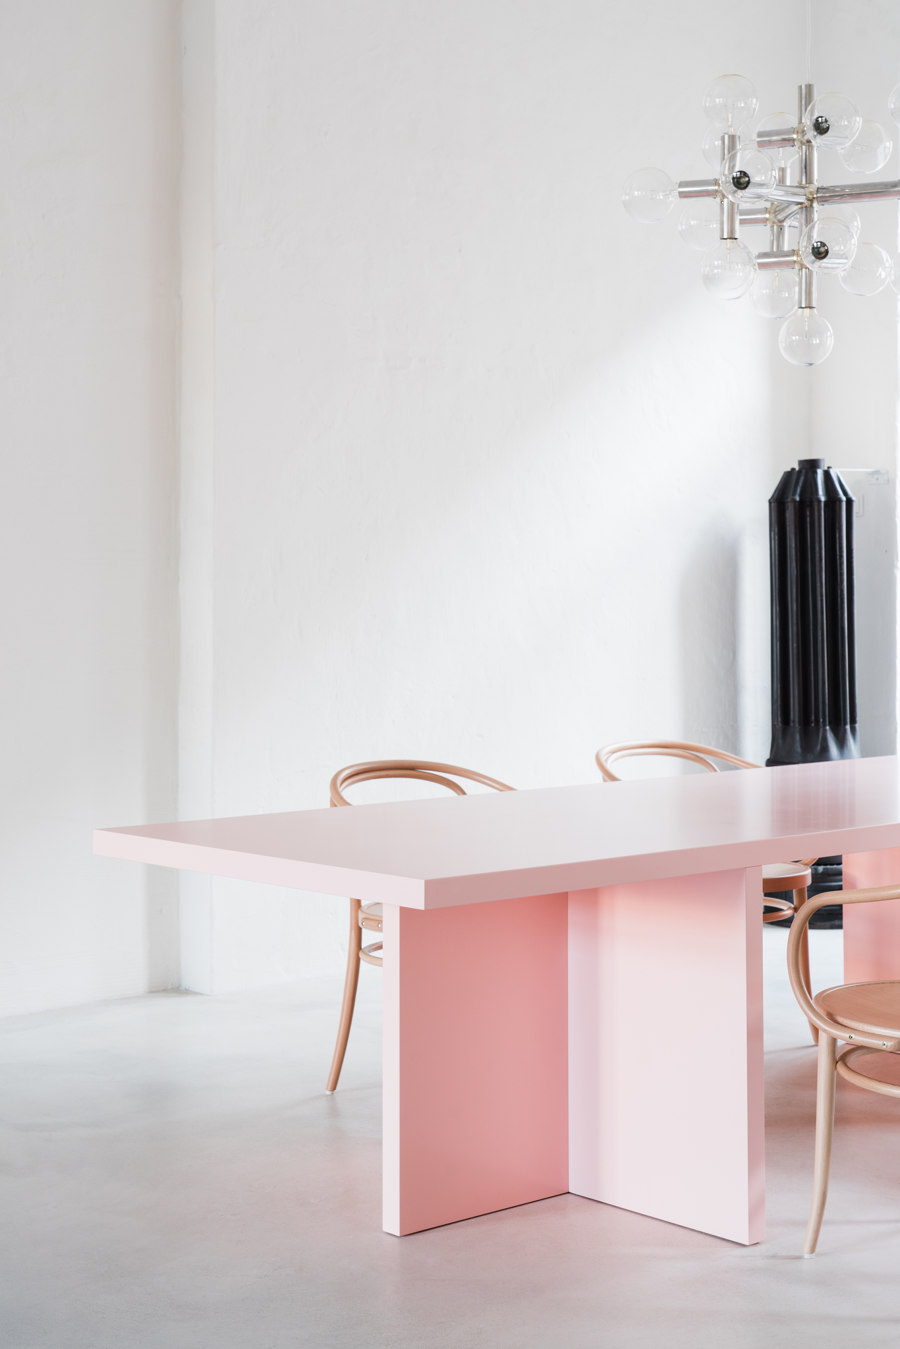 SCH52 Loft by Batek Architekten | Living space